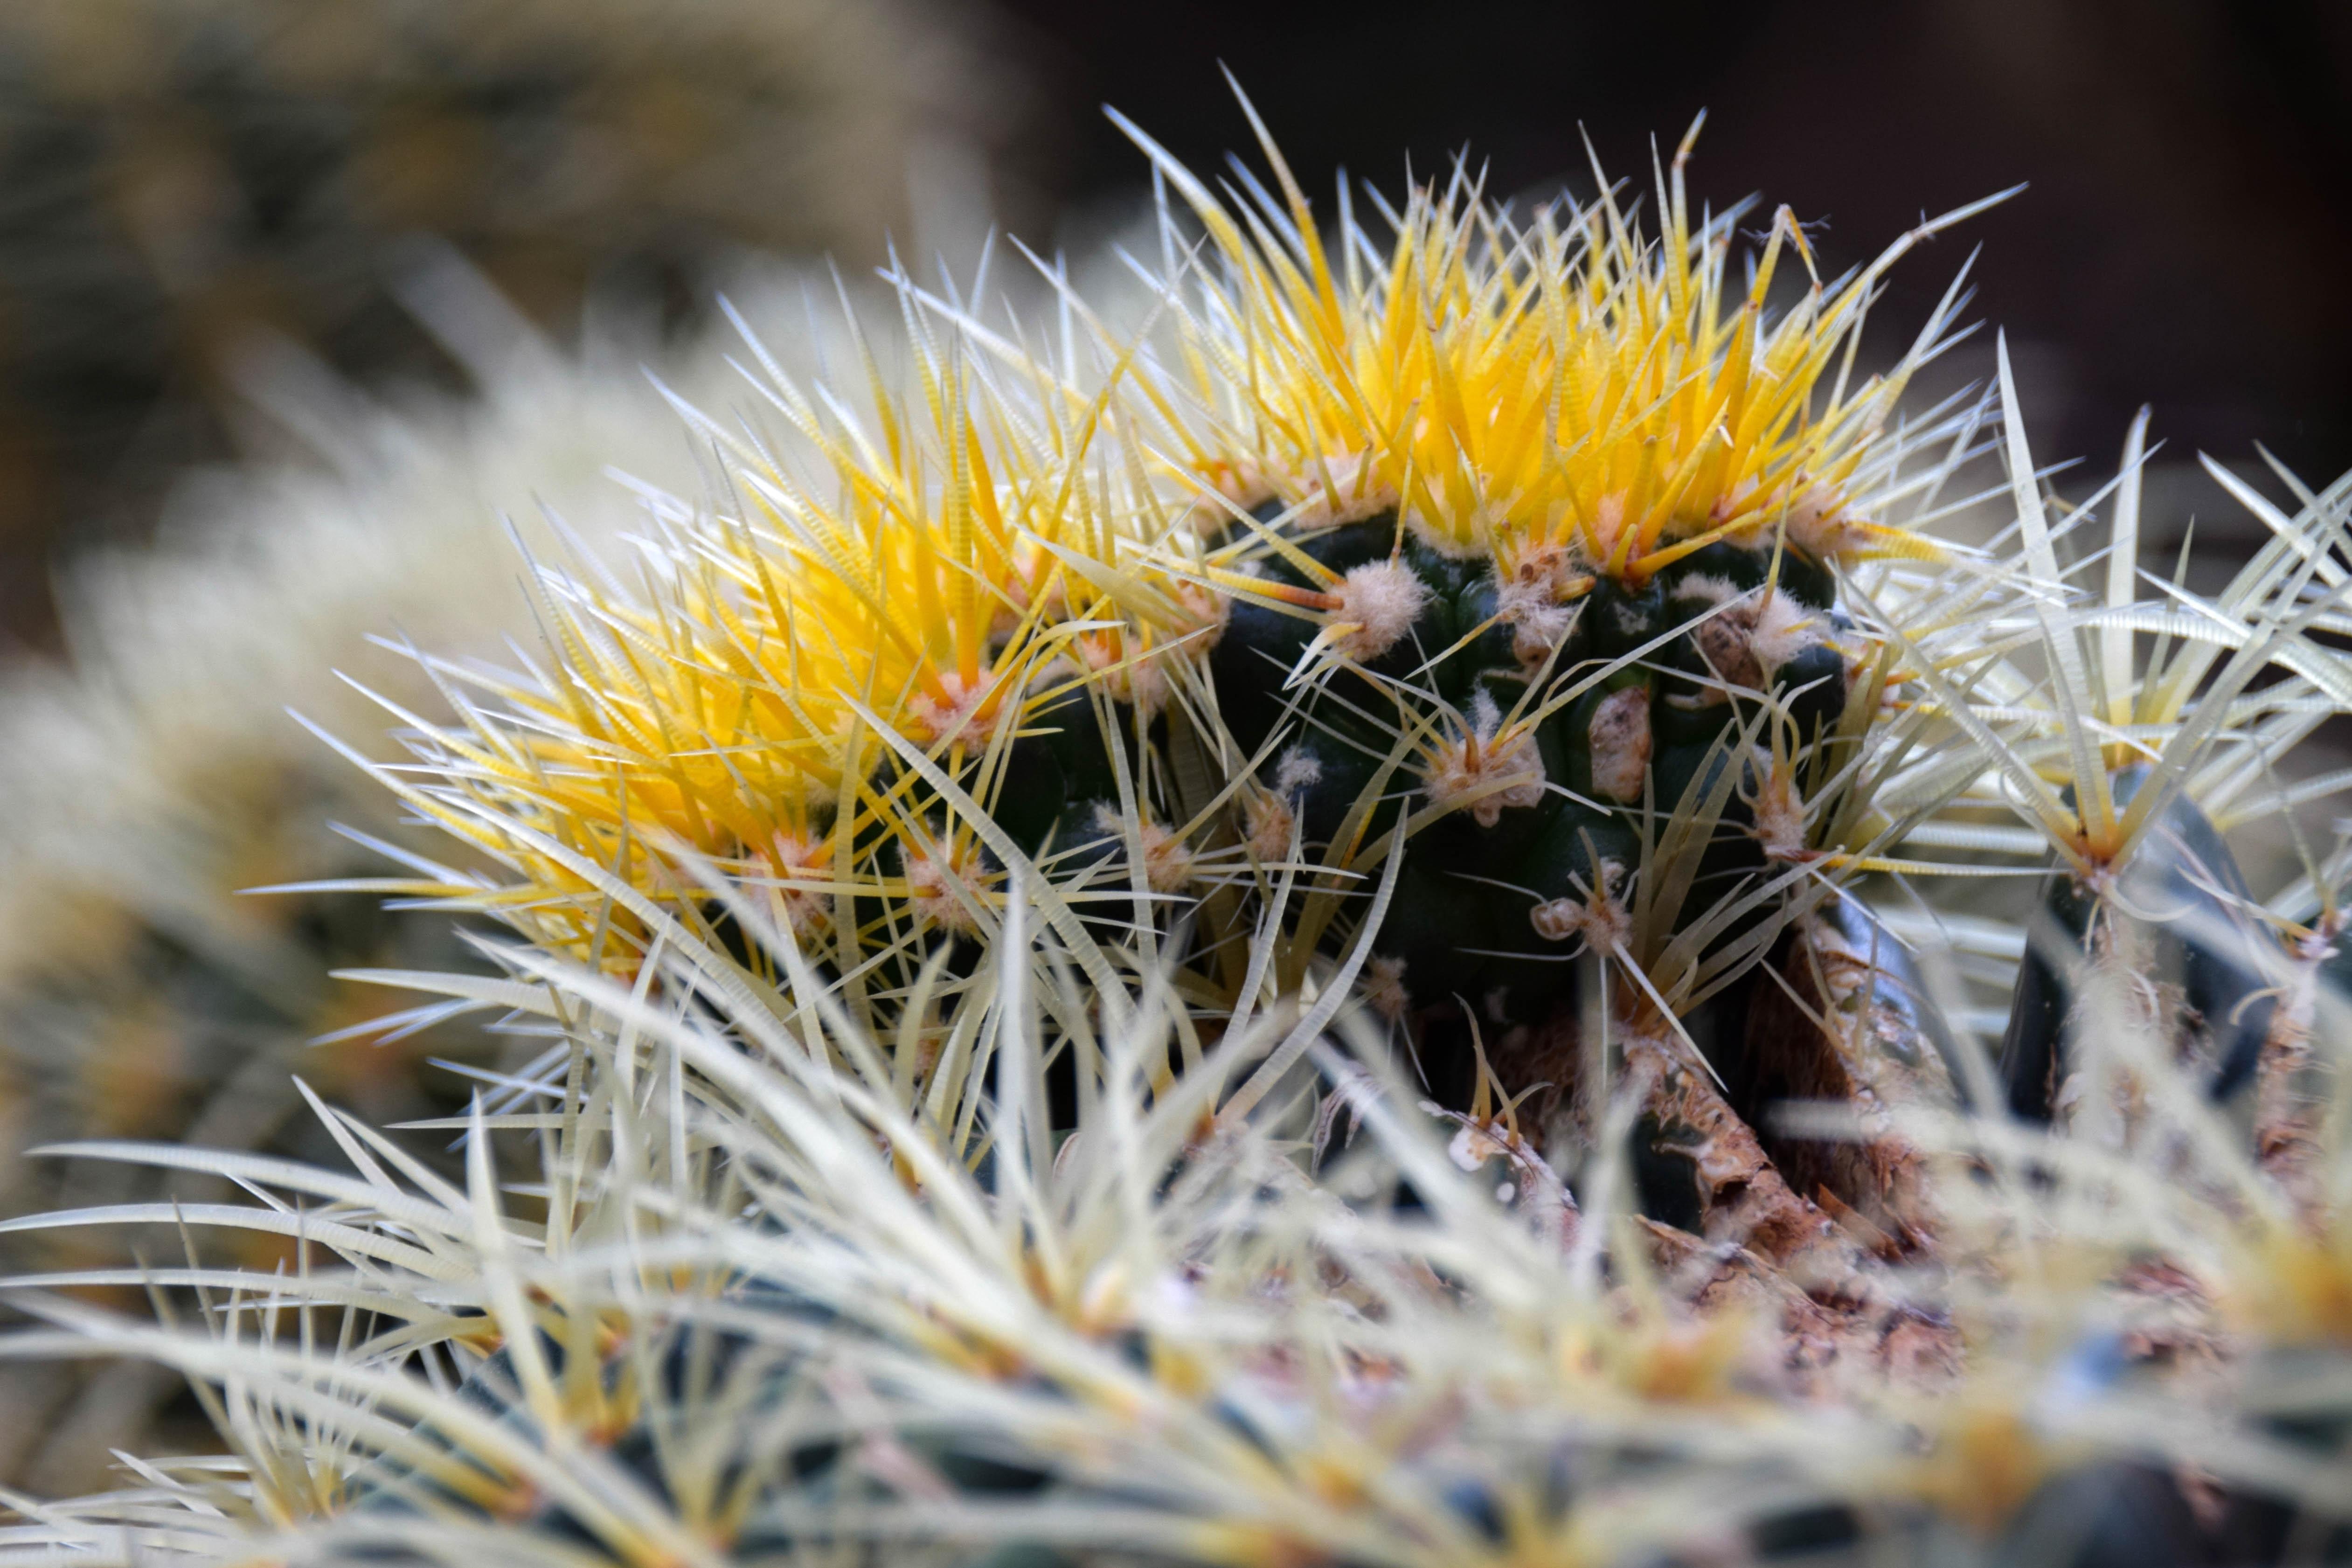 87008 descargar fondo de pantalla Macro, Cactus, Cacto, Espinas, De Cerca, Primer Plano, Flores: protectores de pantalla e imágenes gratis